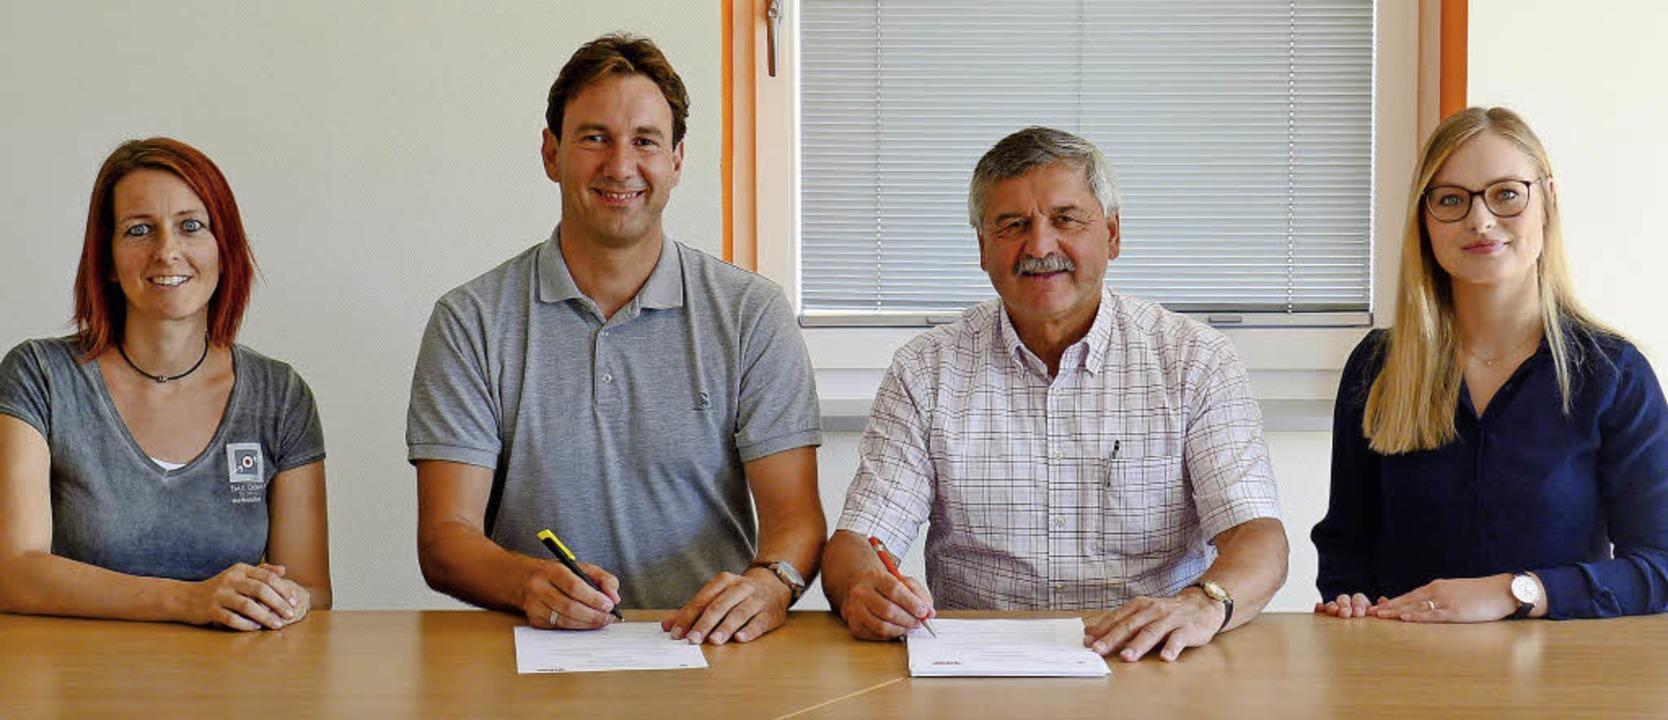 Beim Unterzeichnen der Kooperationsver...andra Knittel von der der Firma Zipse     Foto: Ute Schöler